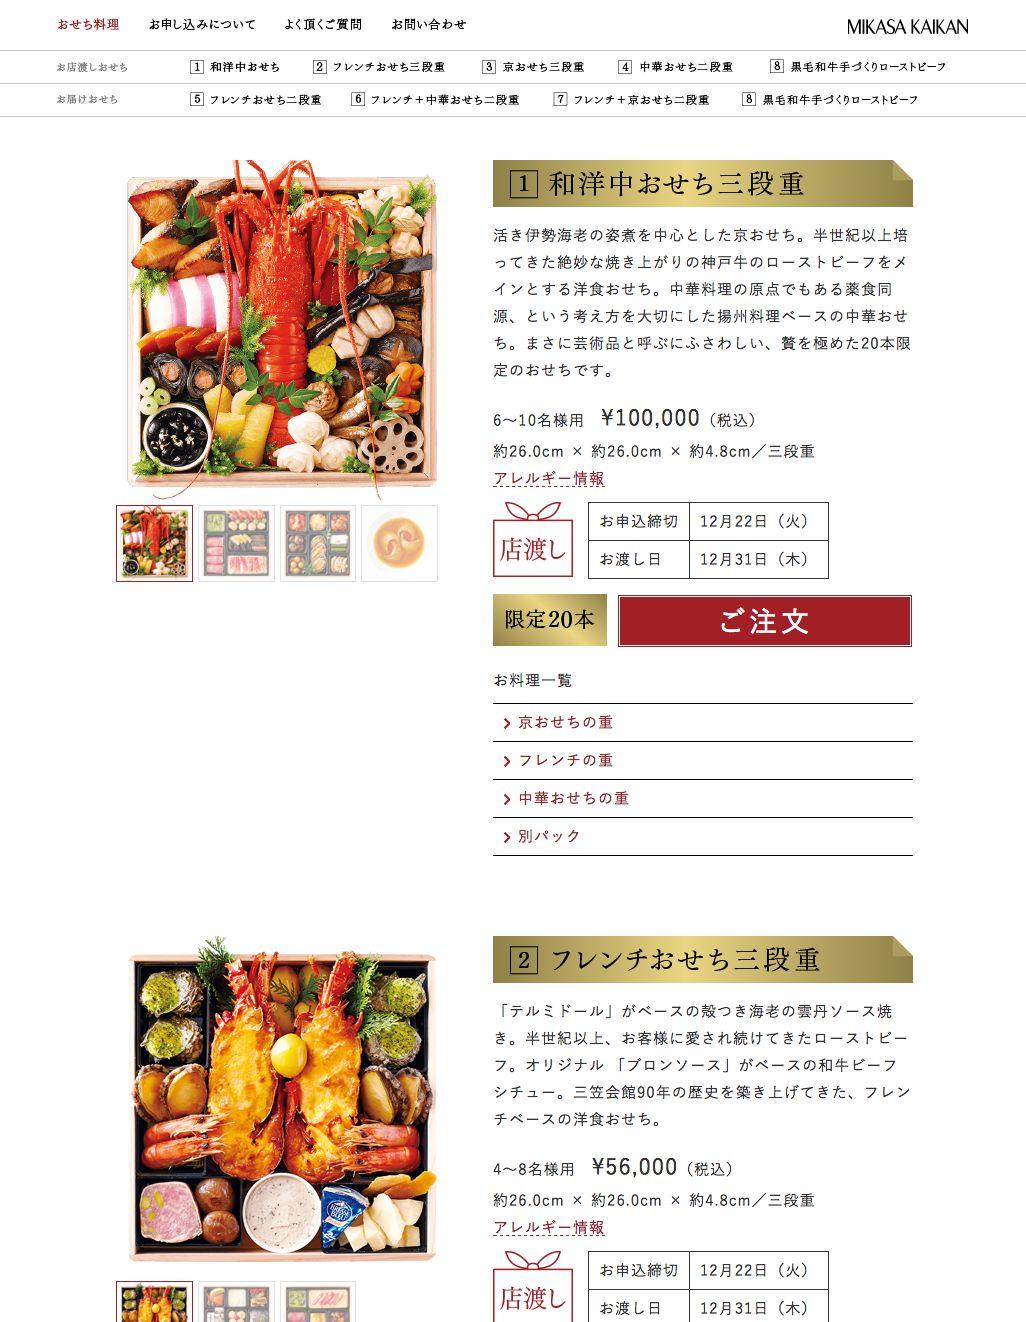 銀座 三笠会館 おせち料理ウェブサイト 商品一覧ページ